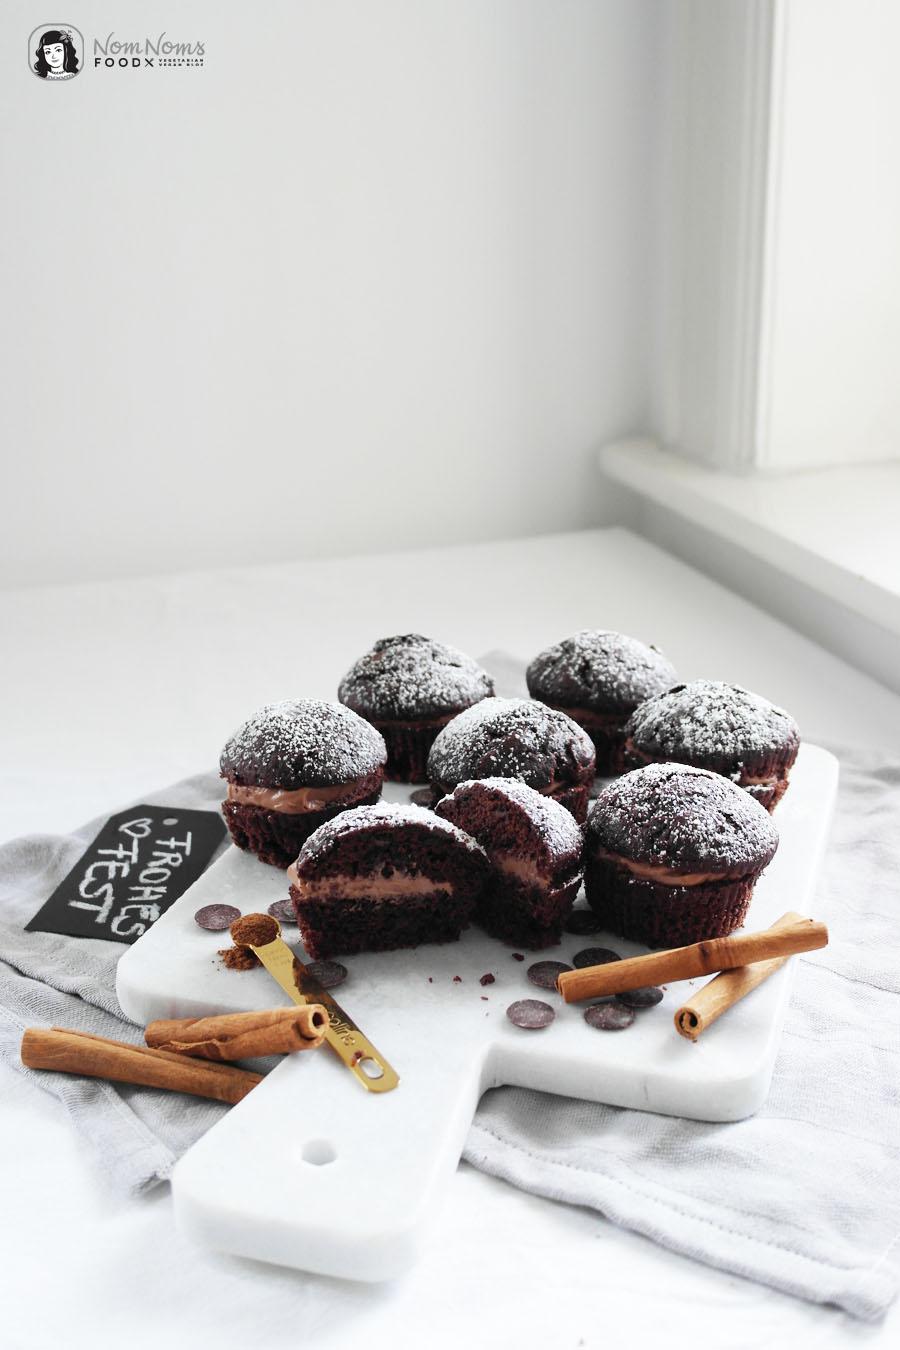 Schokoladen-Zimt-Küchlein mit cremiger Nuss-Nougat-Füllung